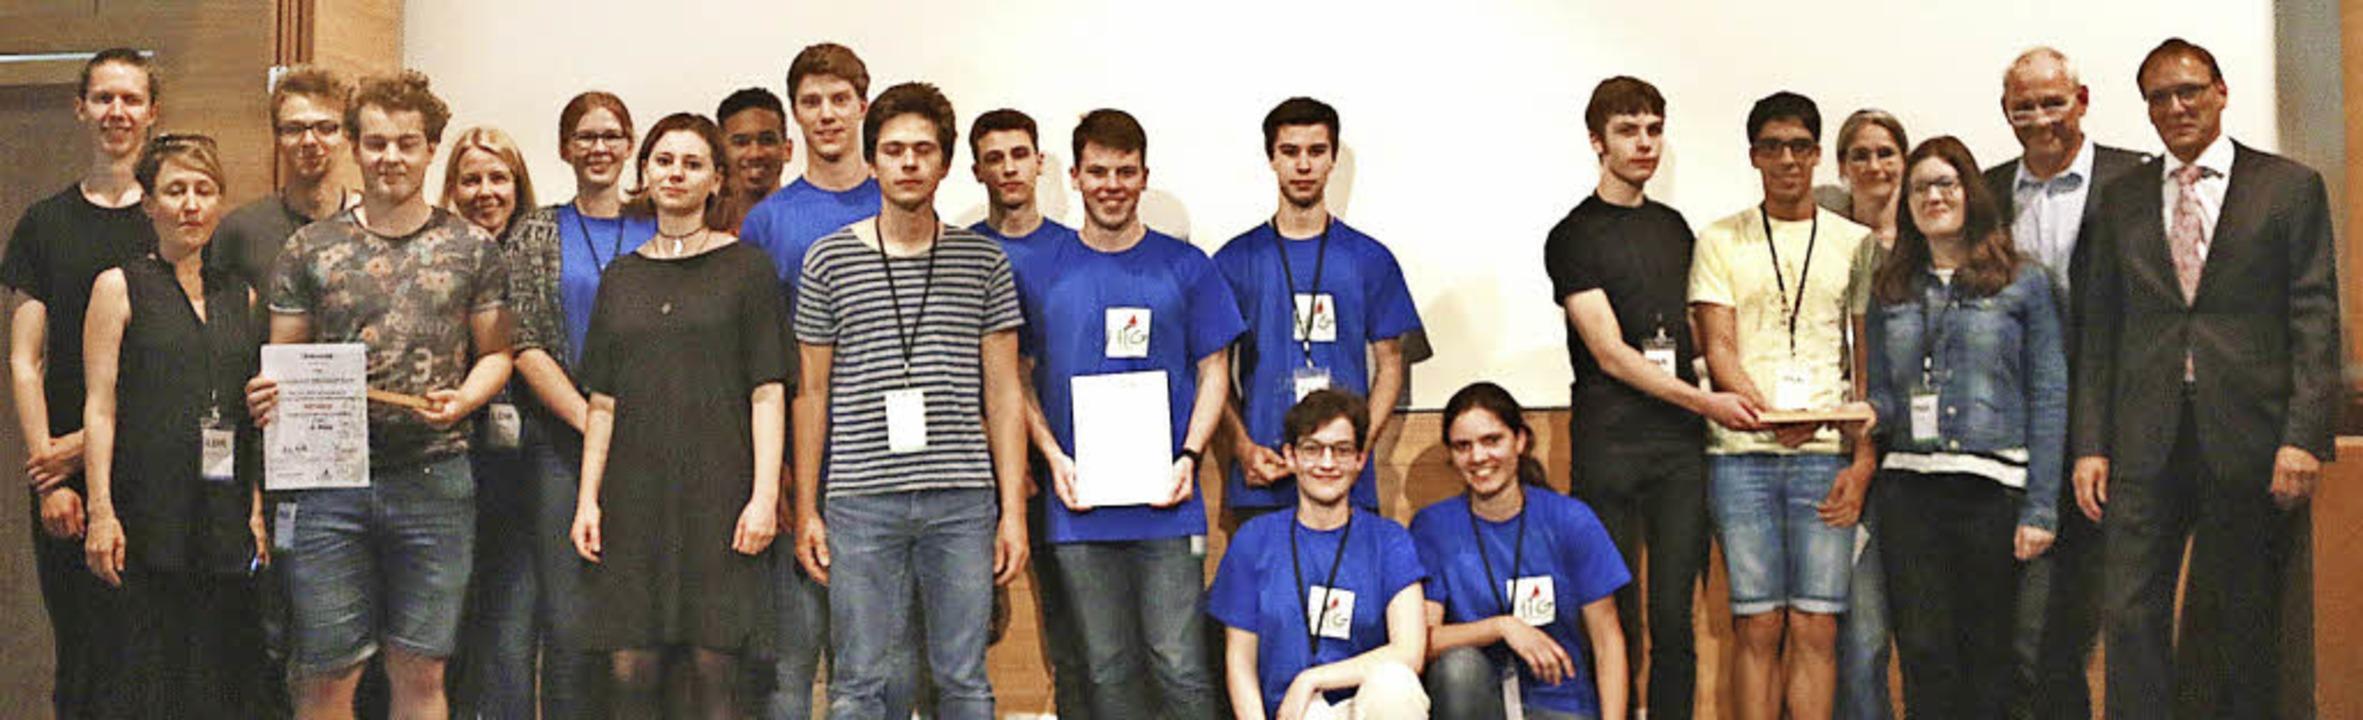 Die Gewinner des Schulpreises: Schüler...lden und Hauptsponsor des Wettbewerbs.  | Foto: Phaenovum